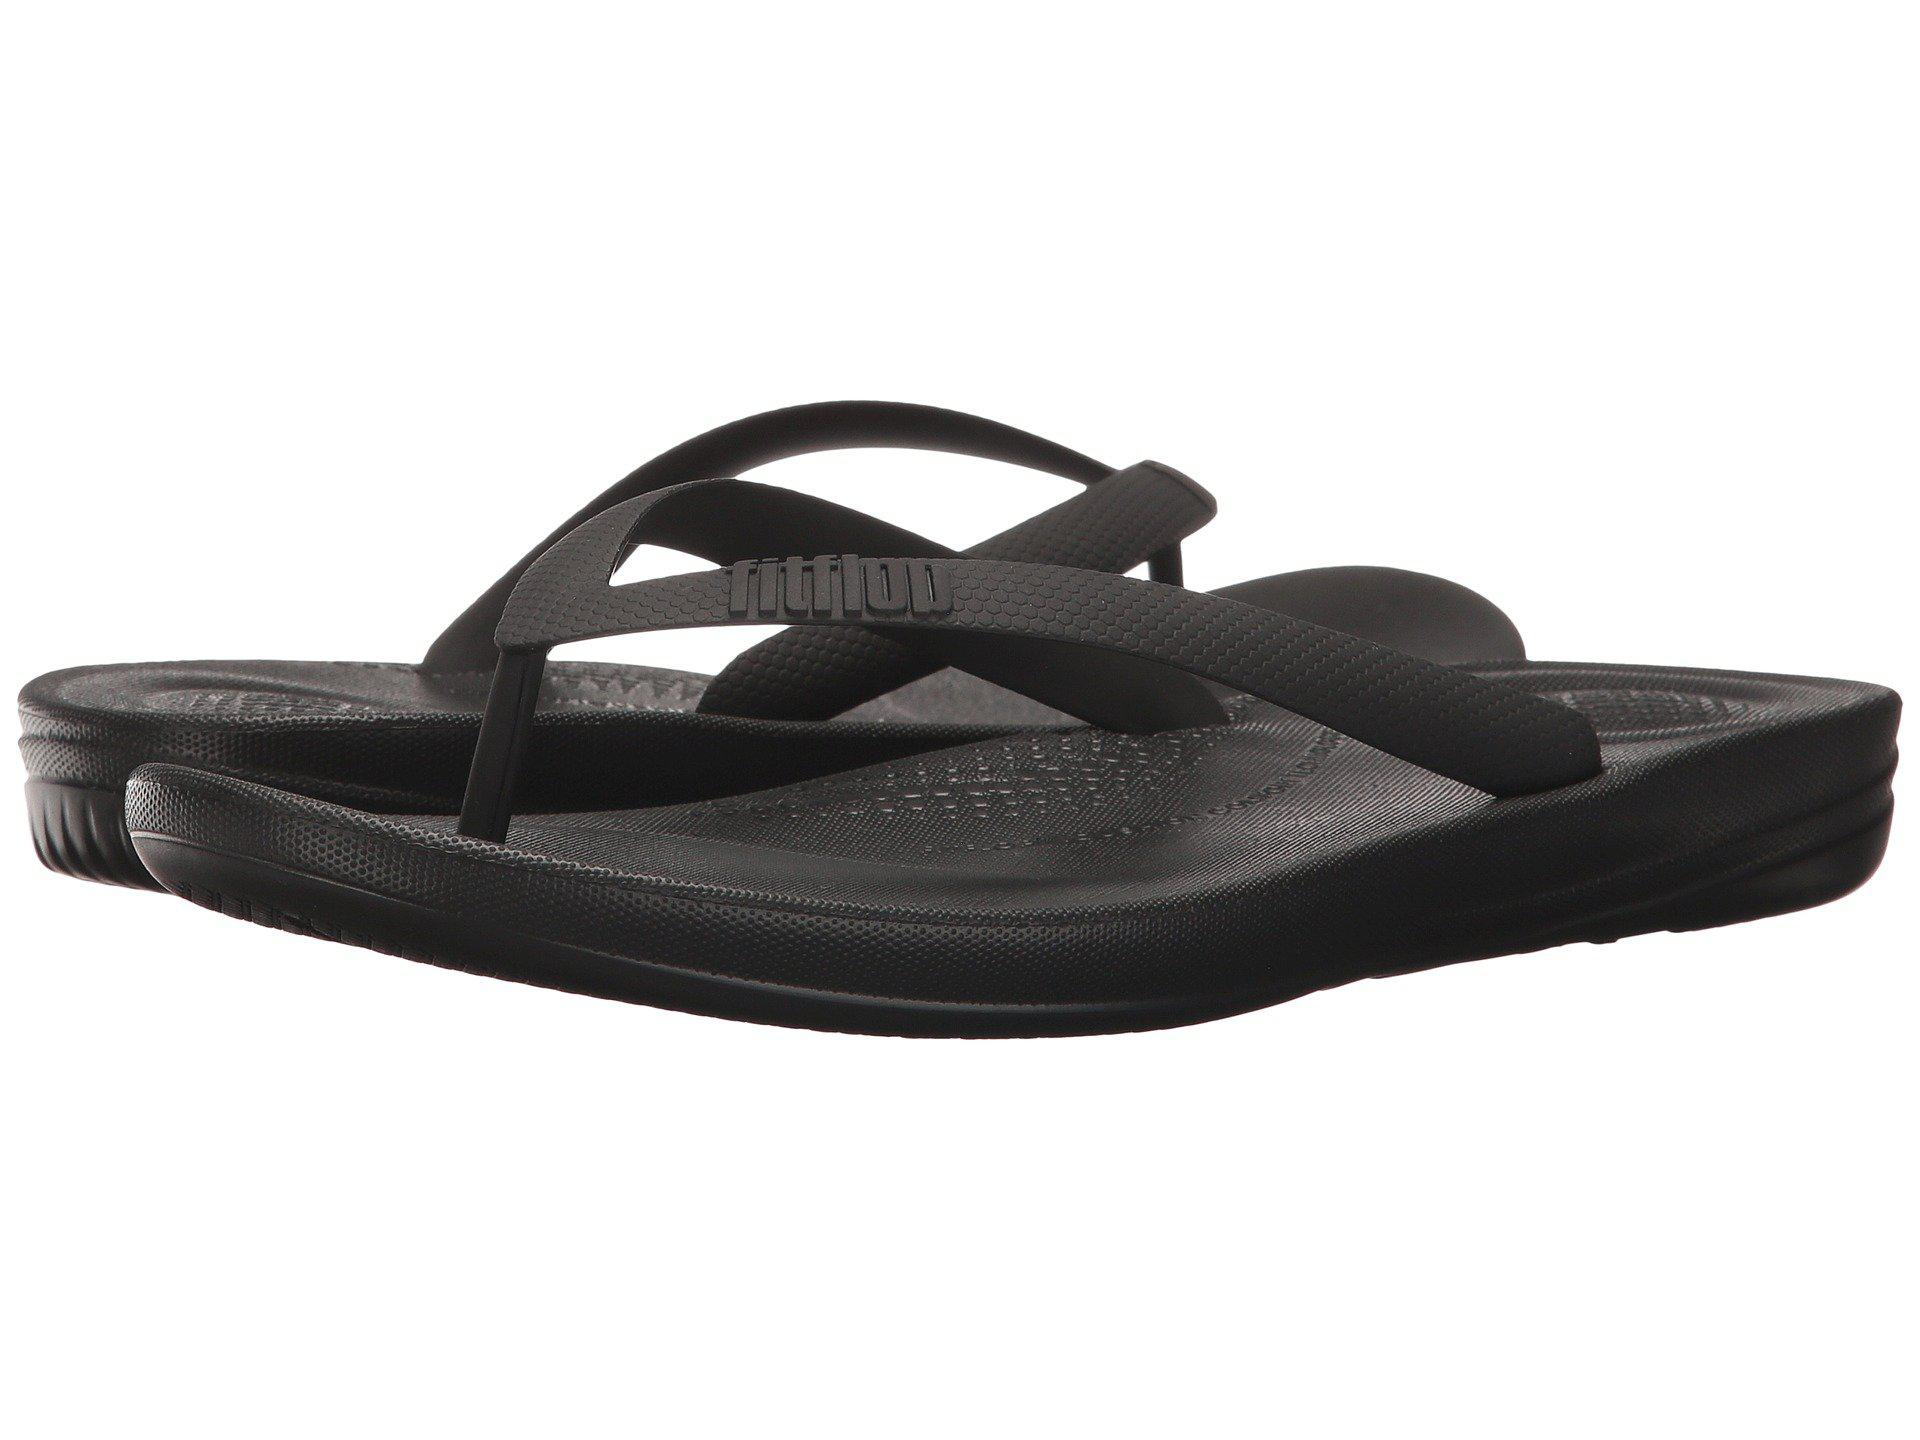 4c0293742d69 Lyst - Fitflop Iqushion Ergonomic Flip-flops (black) Men s Sandals ...